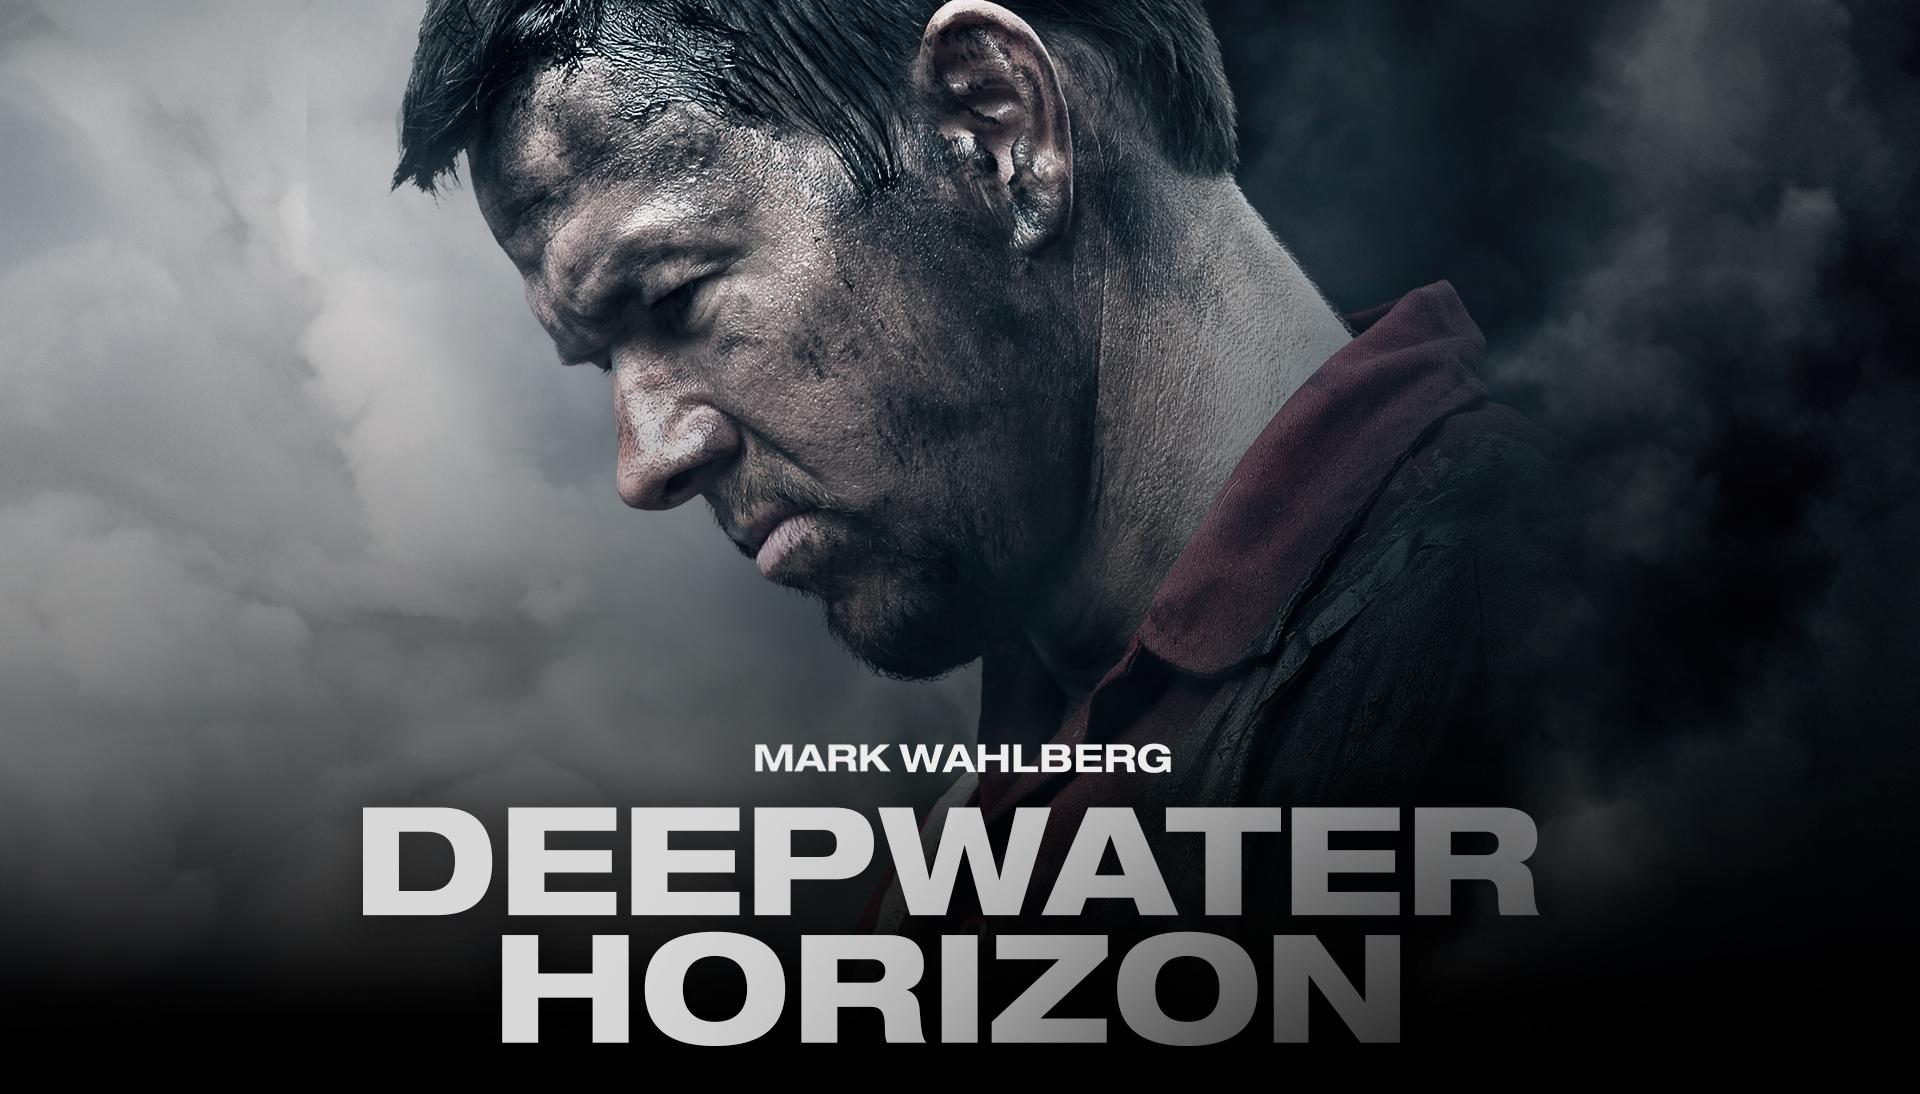 3d Wallpapers Buy Online Cineplex Com Deepwater Horizon Contest